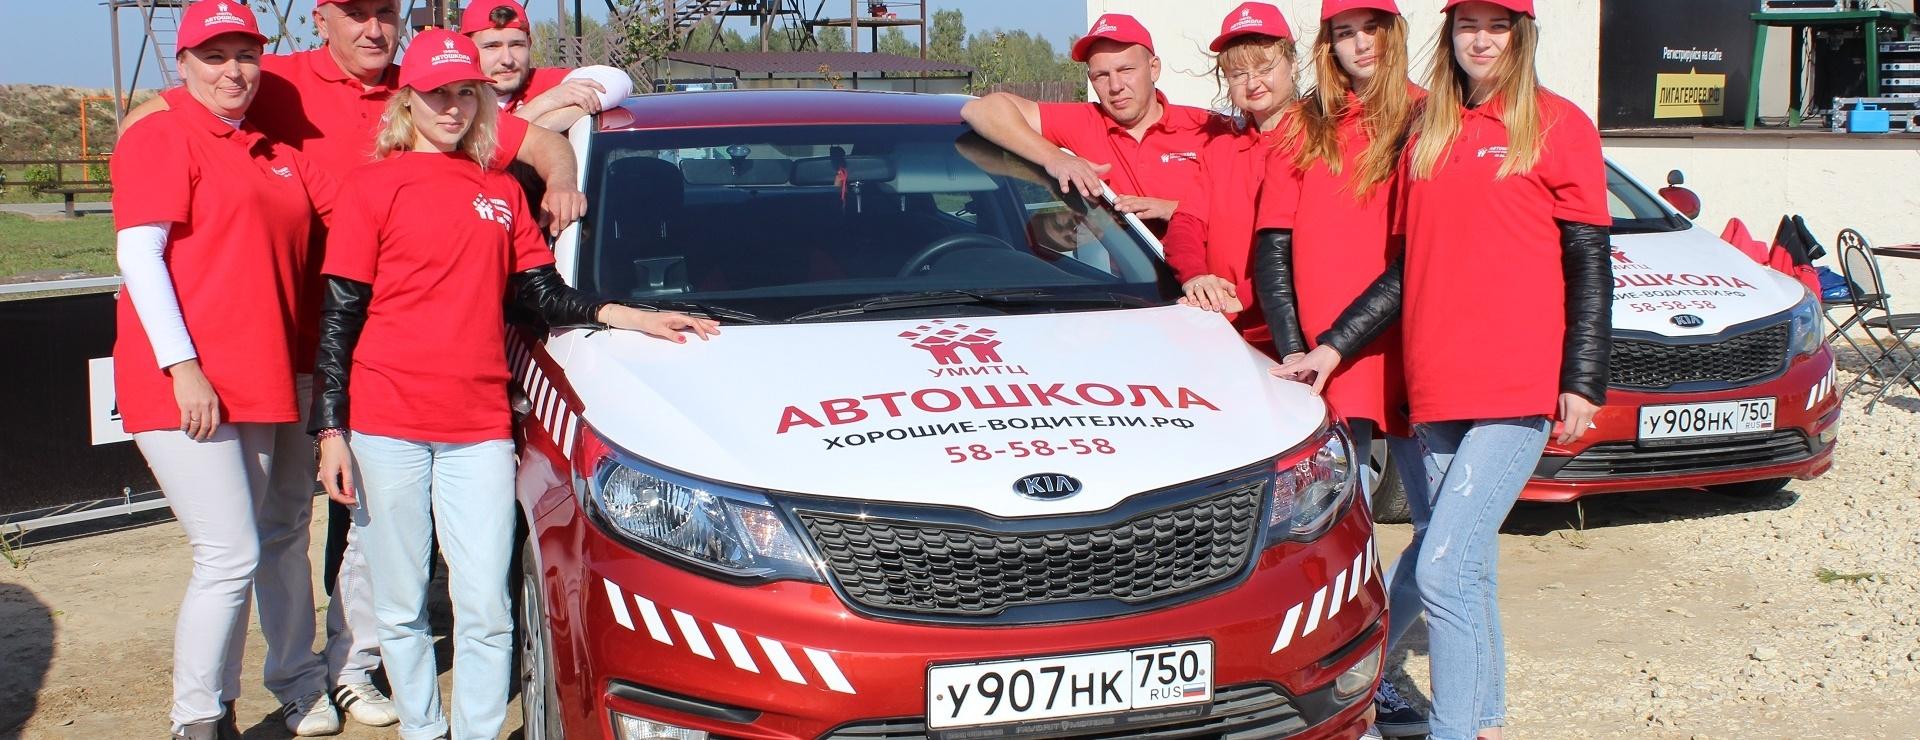 Новый уровень обучения вождению в Брянске - Автошкола АНО ДПО УМИТЦ